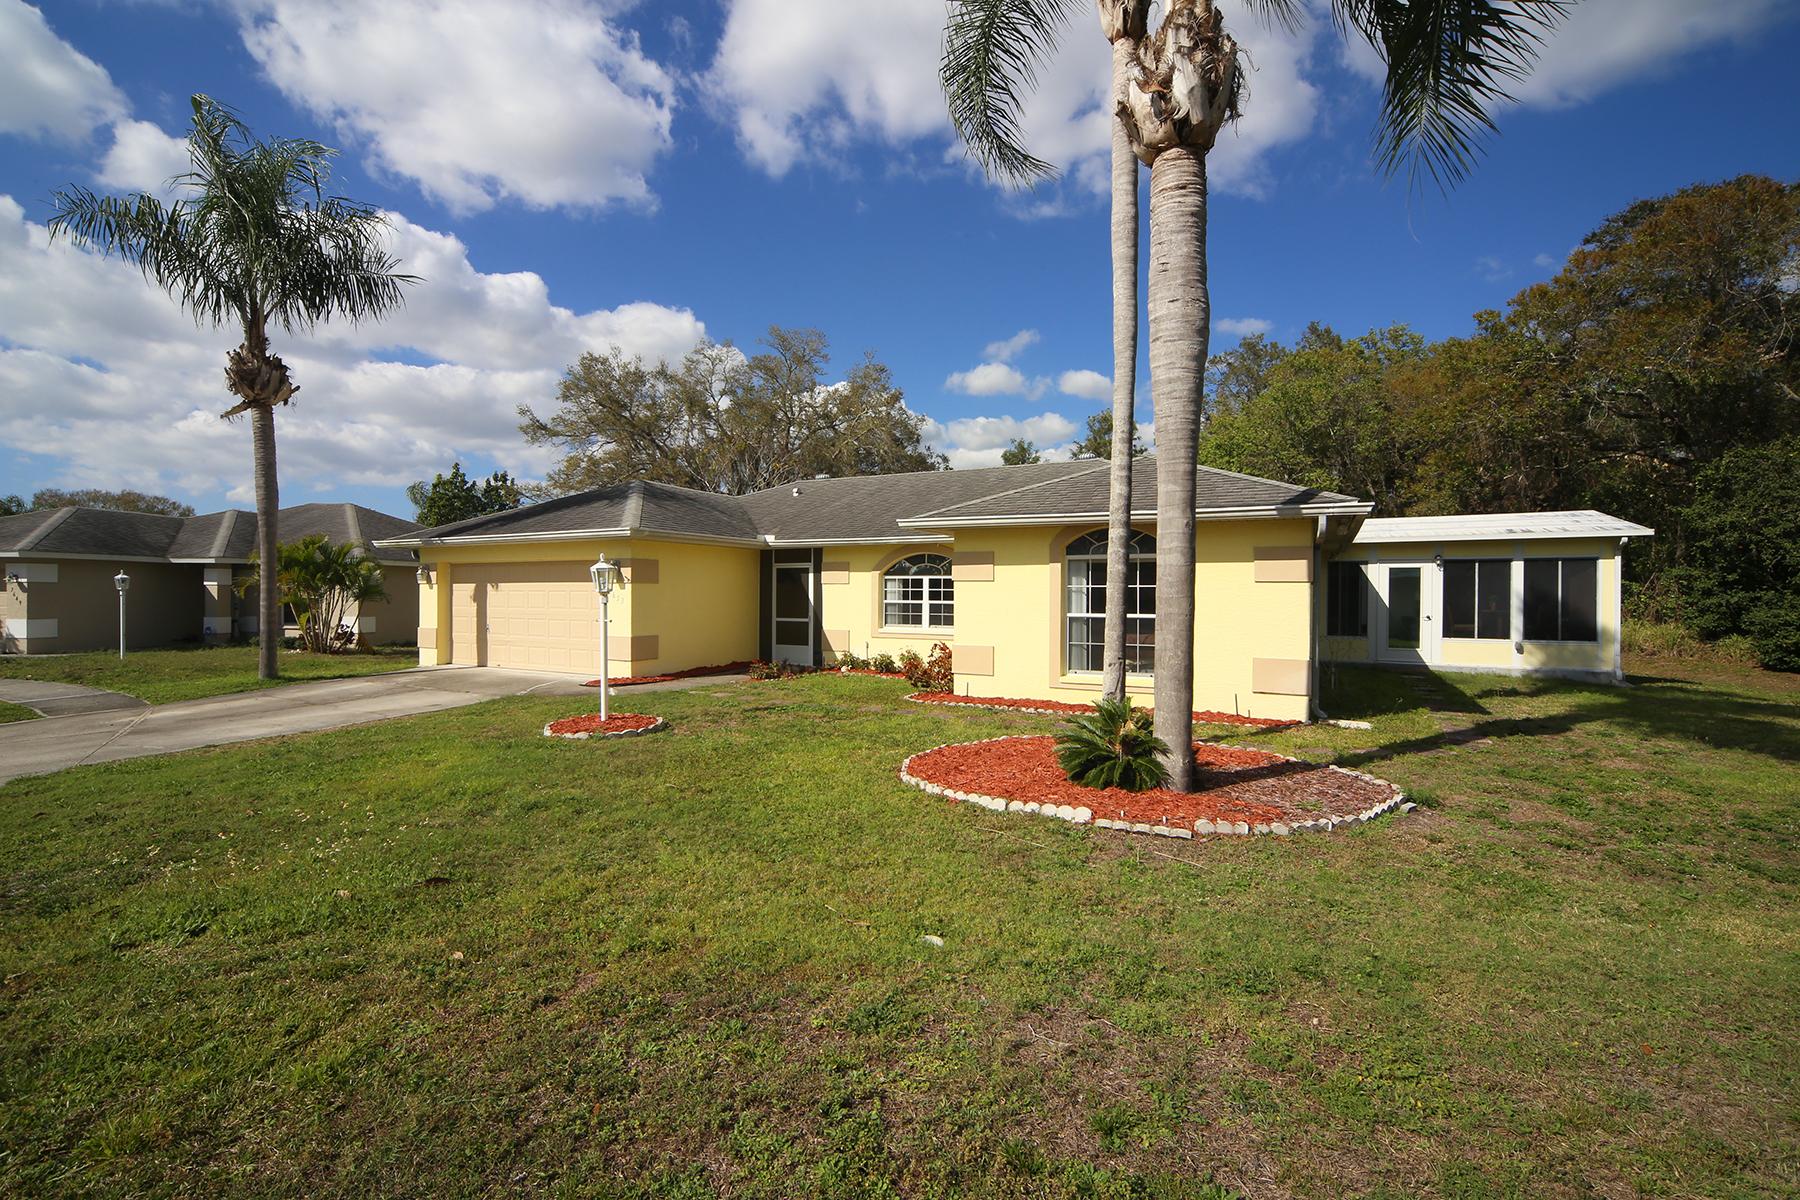 Maison unifamiliale pour l Vente à COURT OF PALMS 7653 39th Street Cir E Sarasota, Florida, 34243 États-Unis